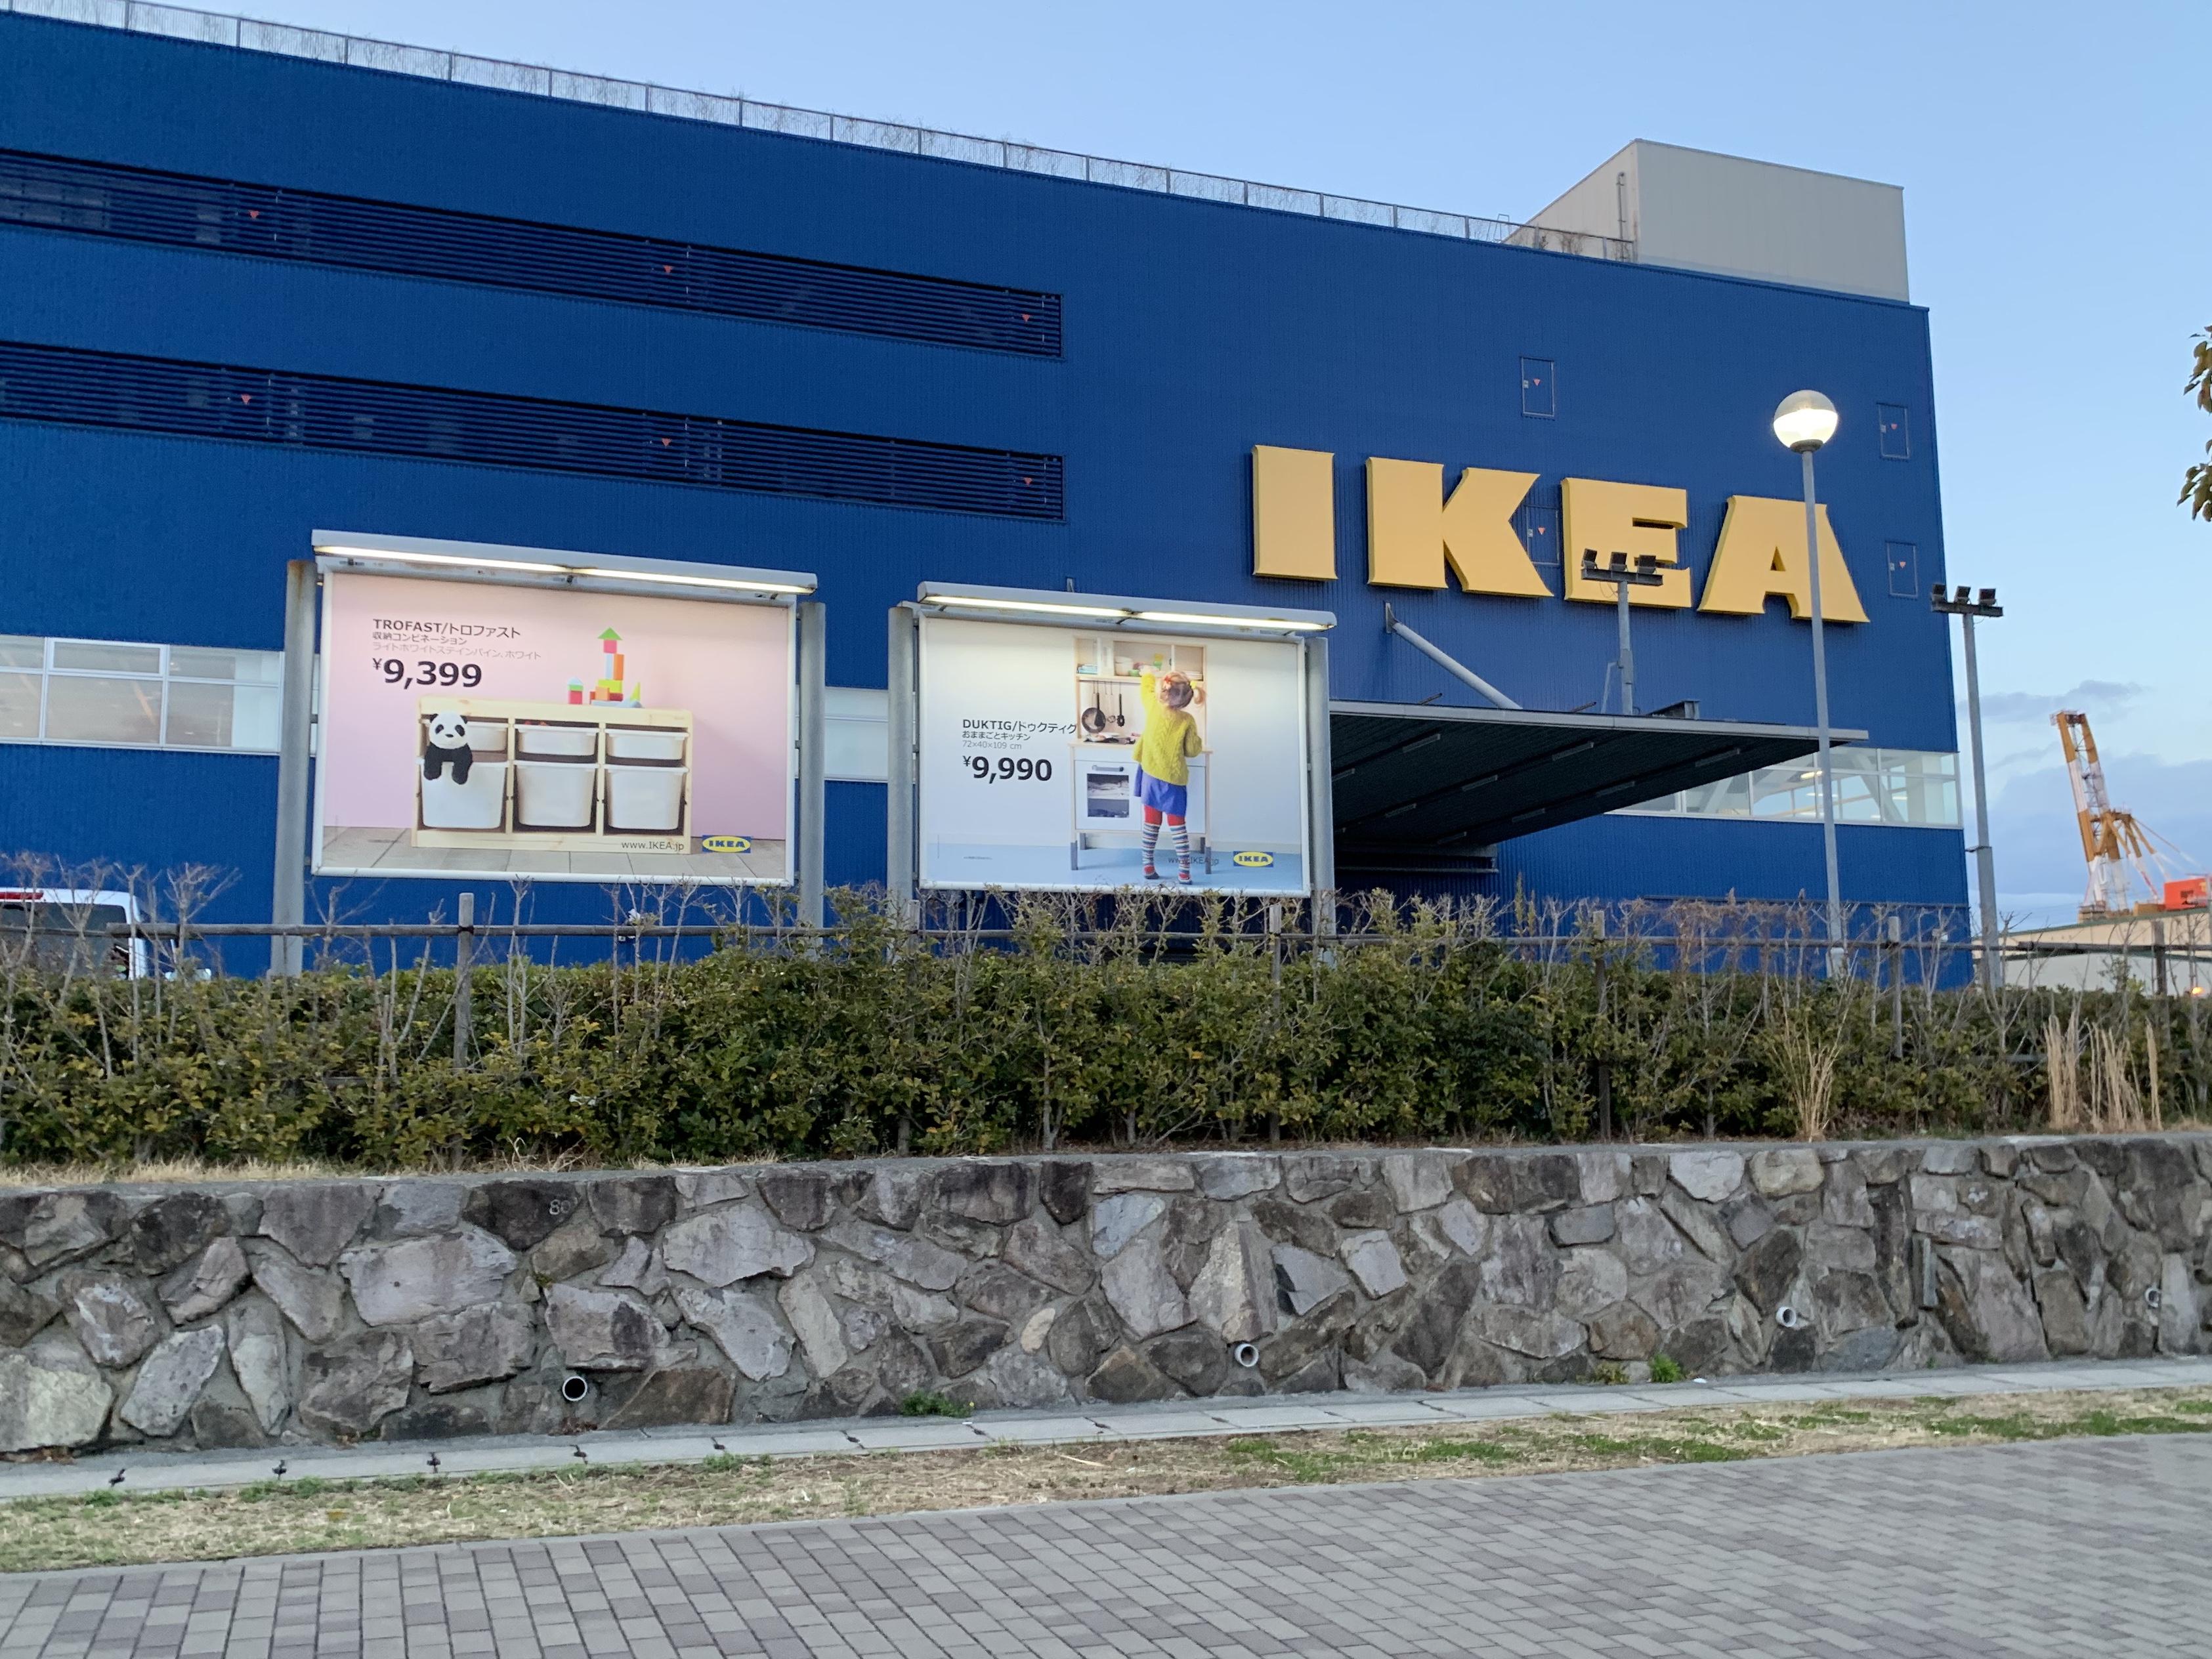 広島にIKEAが来ないのでIKEA神戸に行ってみた